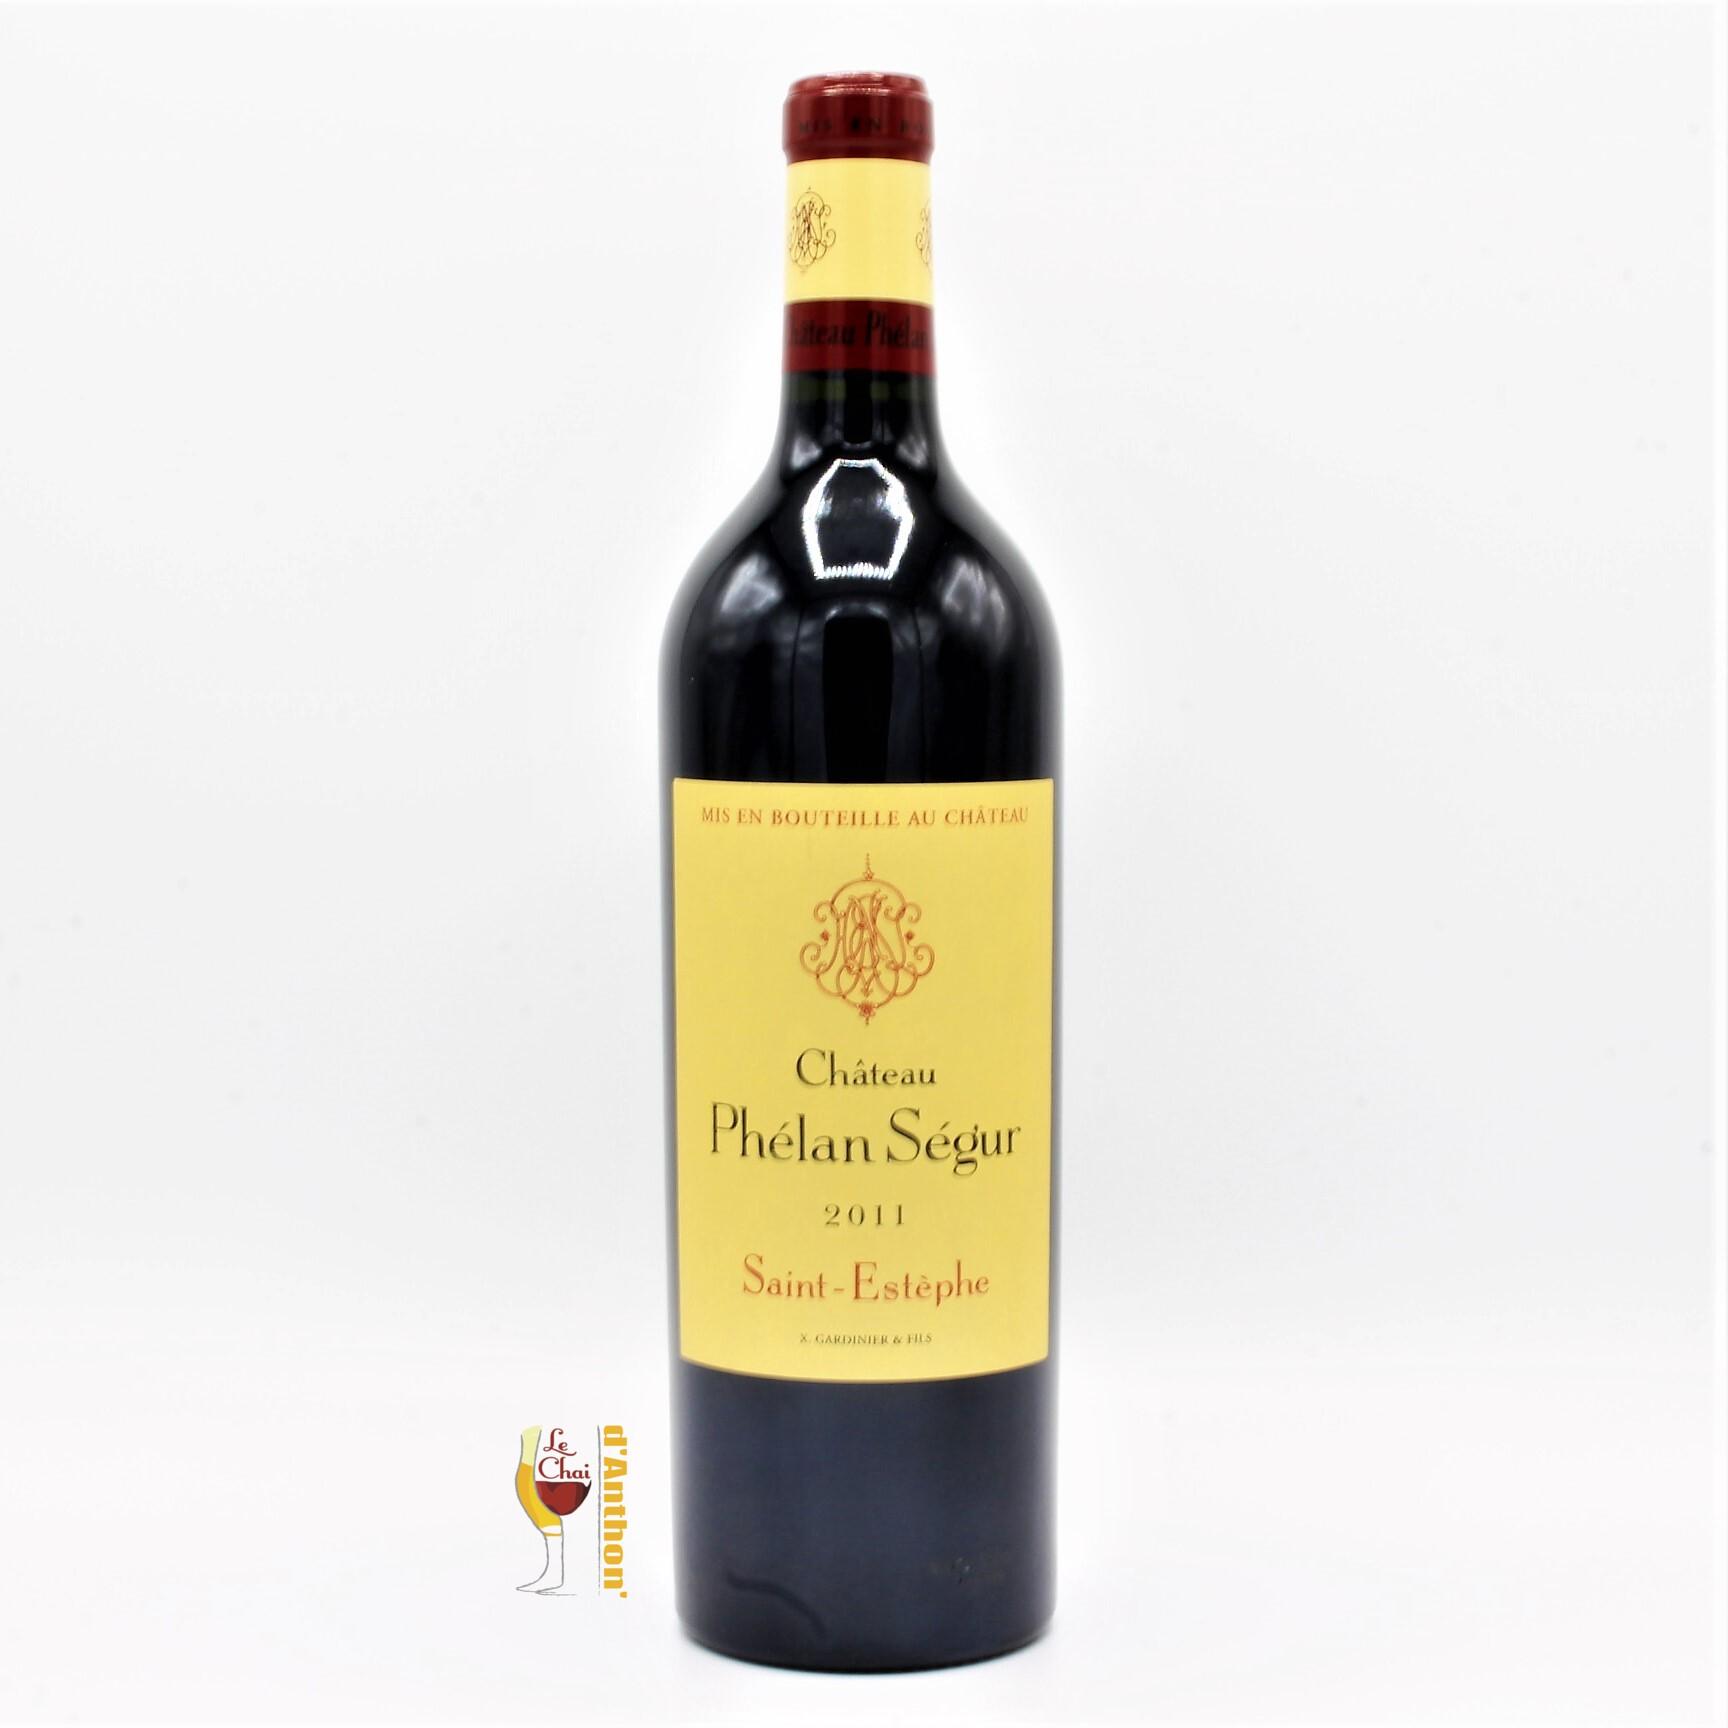 Le Chai D&686.JPG039;Anthon Vin Bouteille Rouge Bordeaux St Estephe Phelan Segur 2011 75cl 686